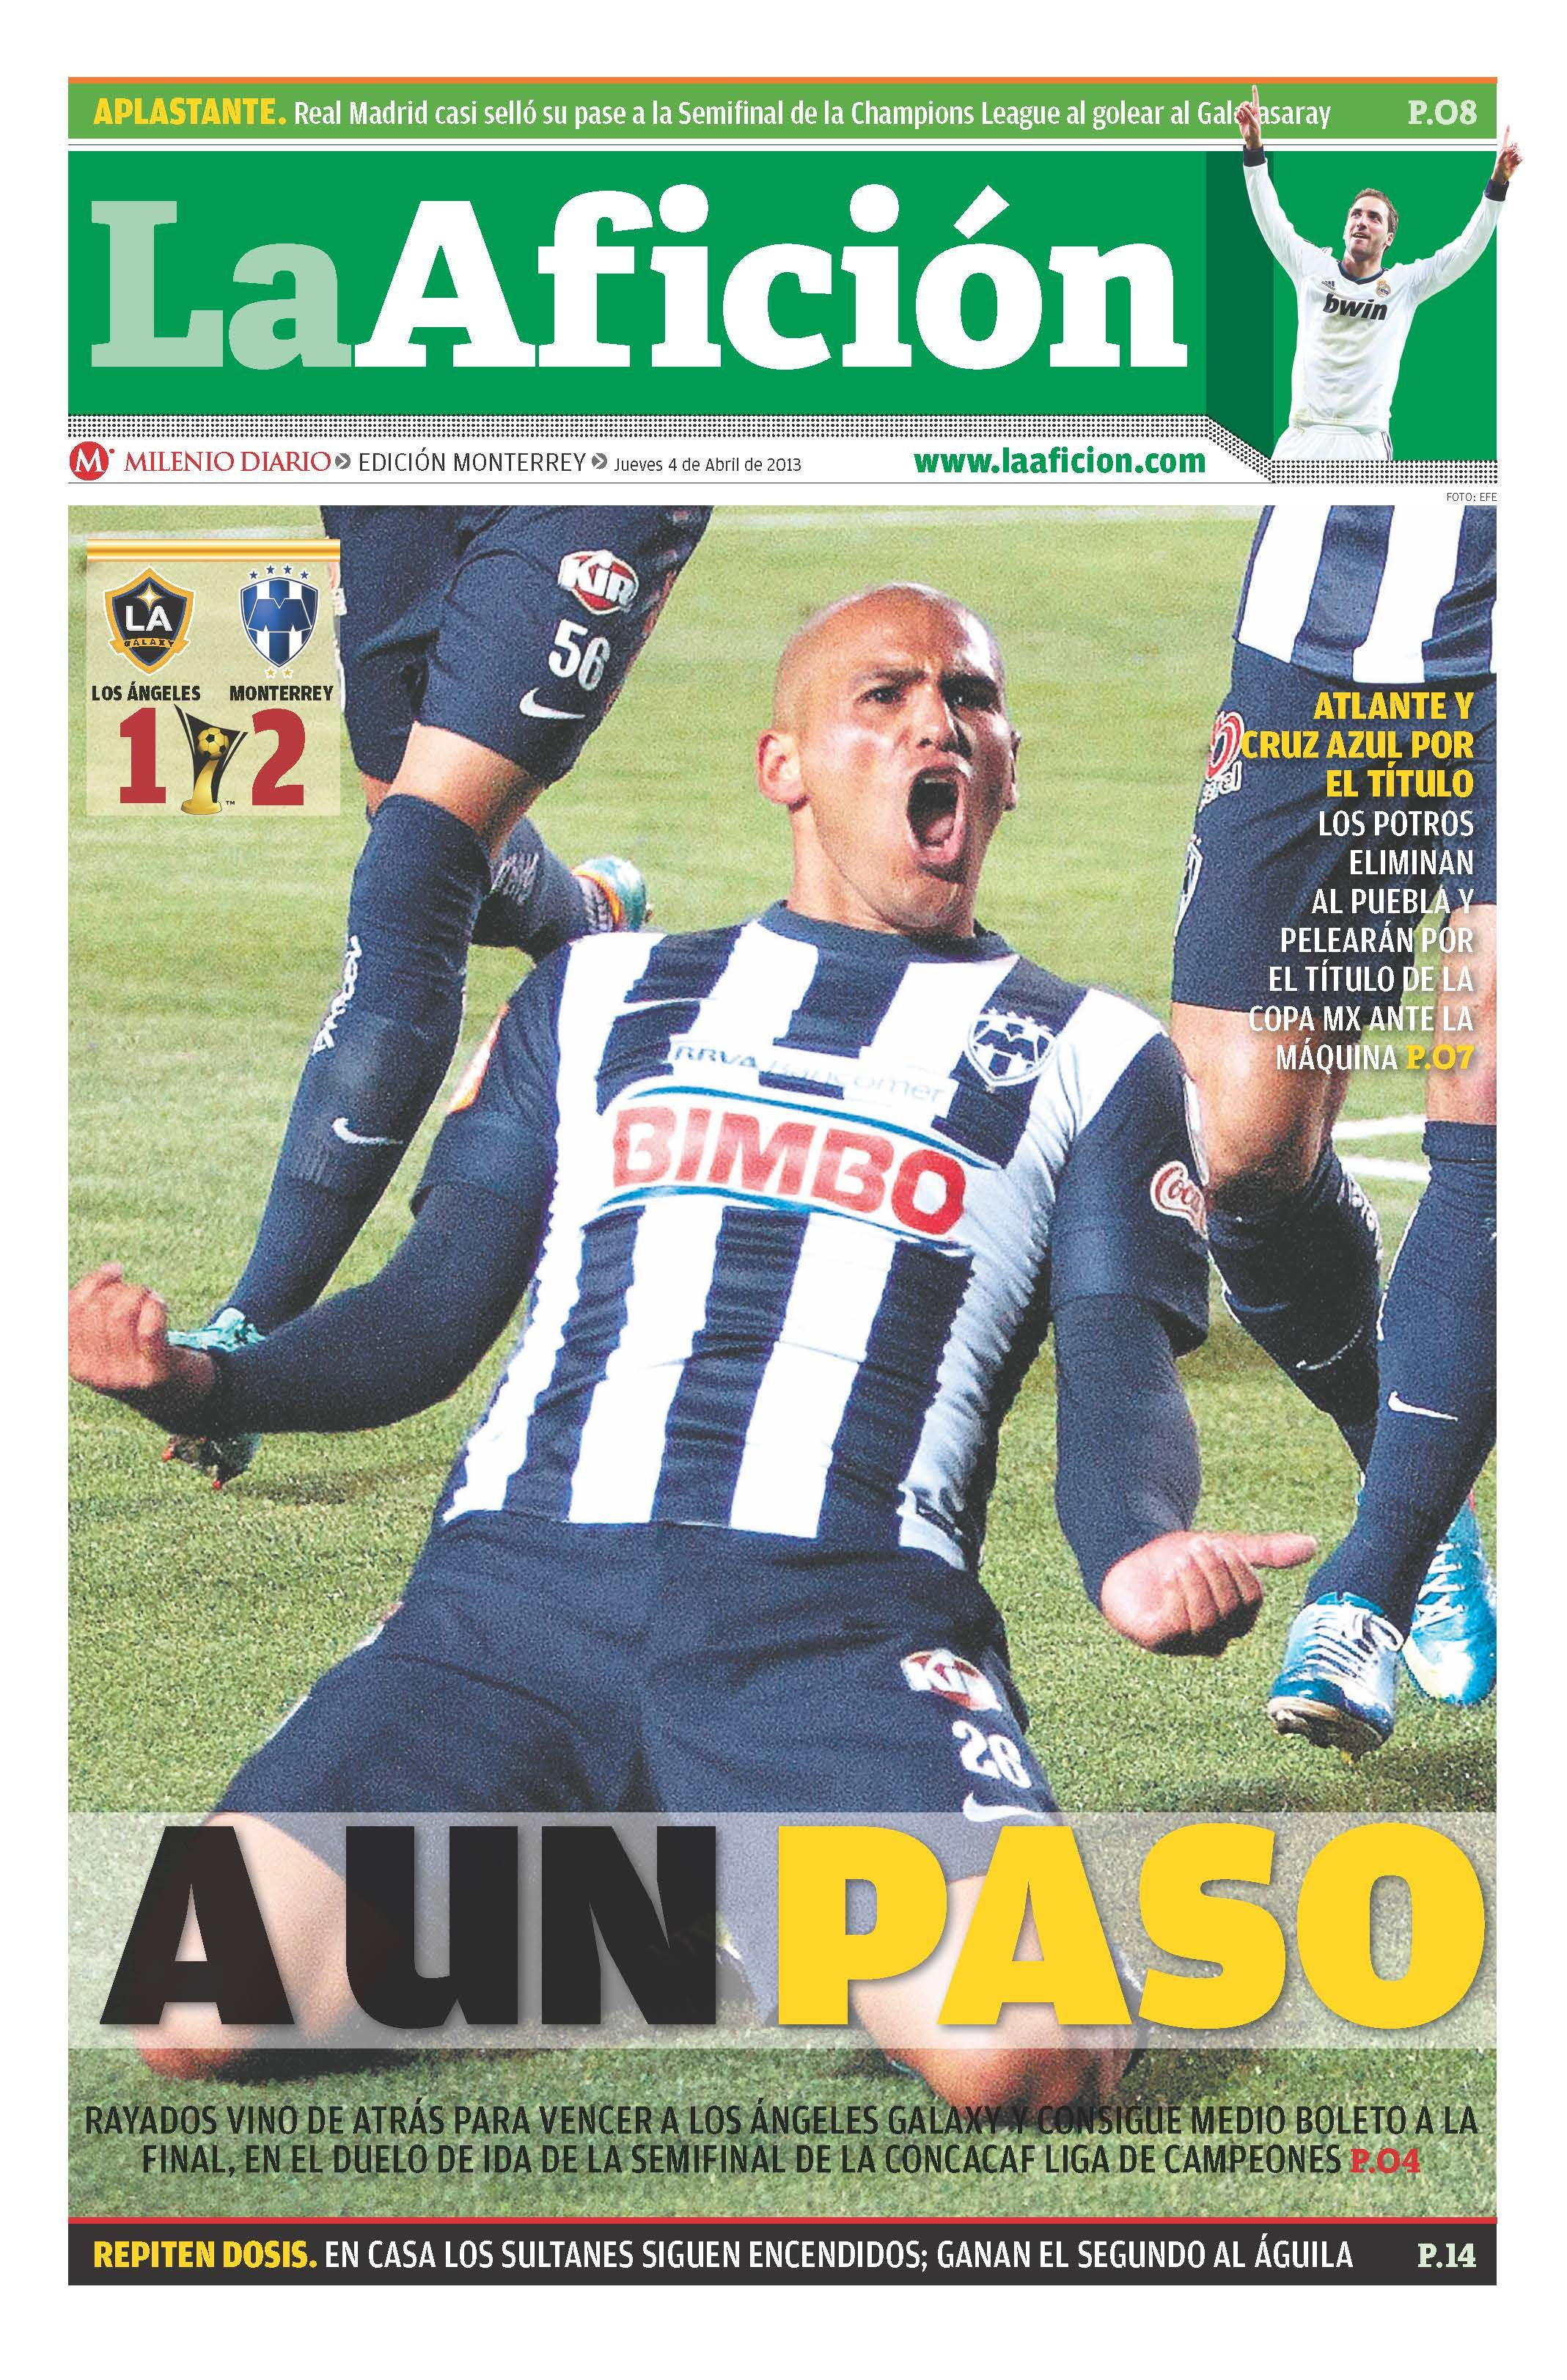 Hoy en portada: A un paso (Rayados tiene pie y medio en la final de Concacaf).